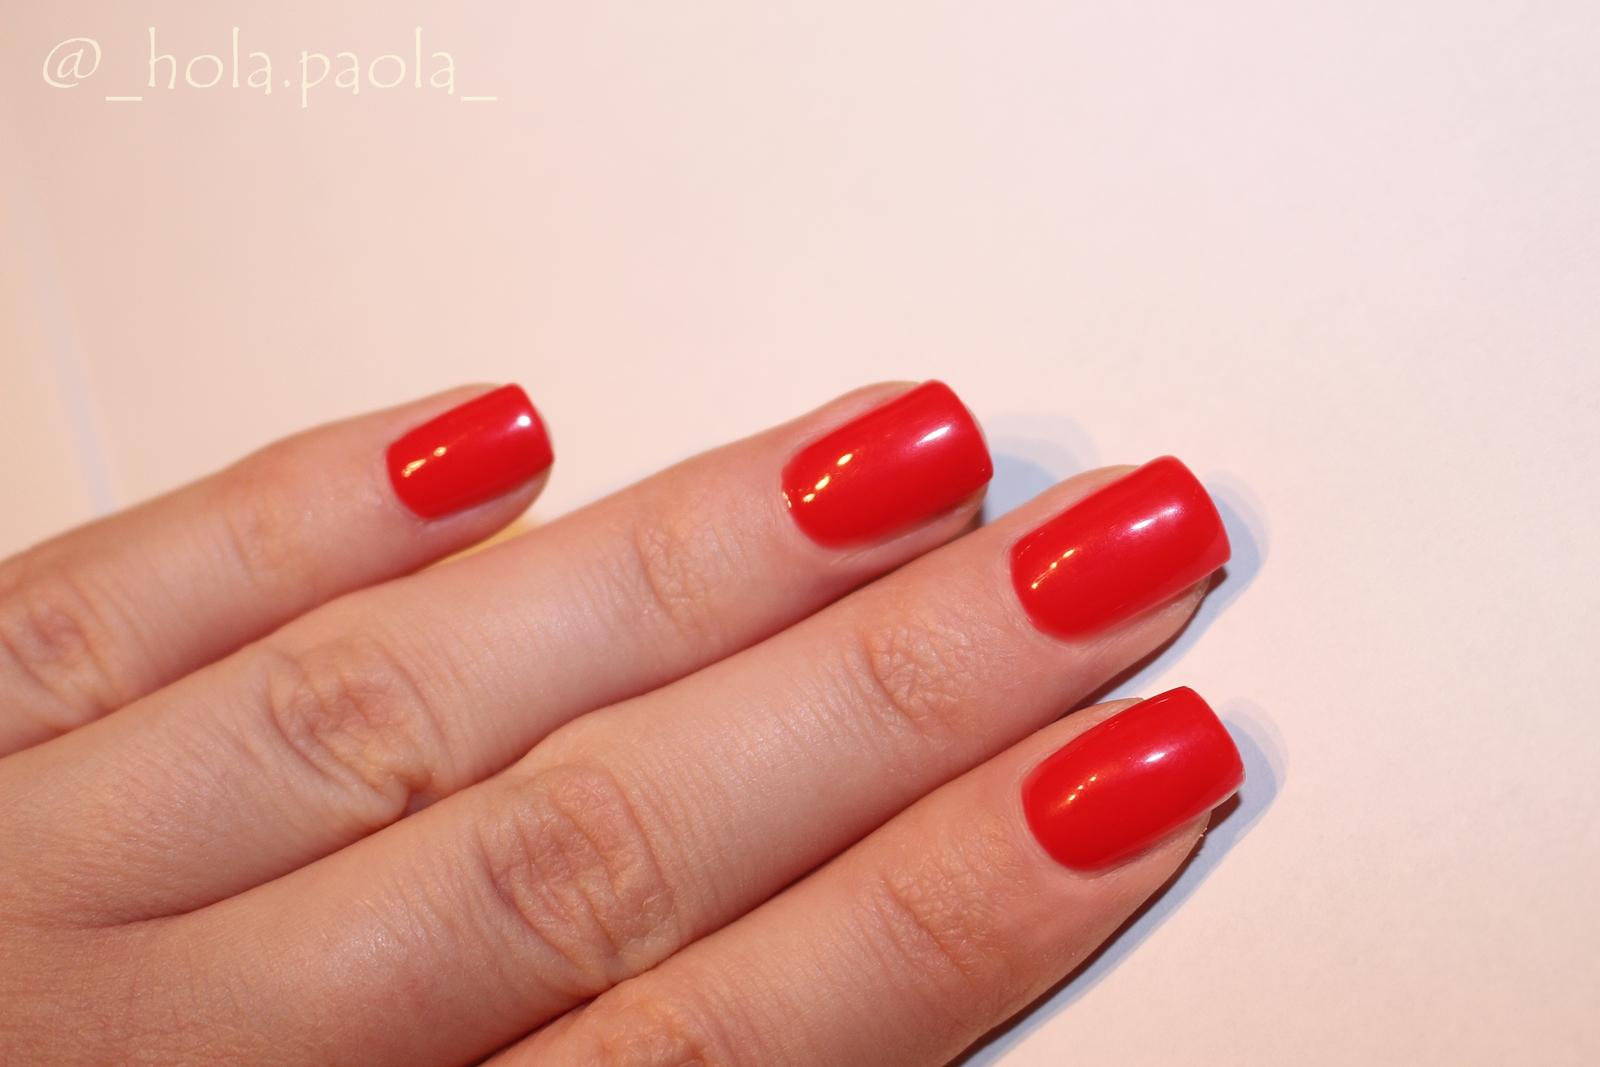 Semilac Lakier hybrydowy 134 Red Carpet Semilac 071 Deep Red sexy red hybrydy czerwony kolor paznokci lakier czerwony malinowy lakier idealna czerwień essie fidth avenue dupe